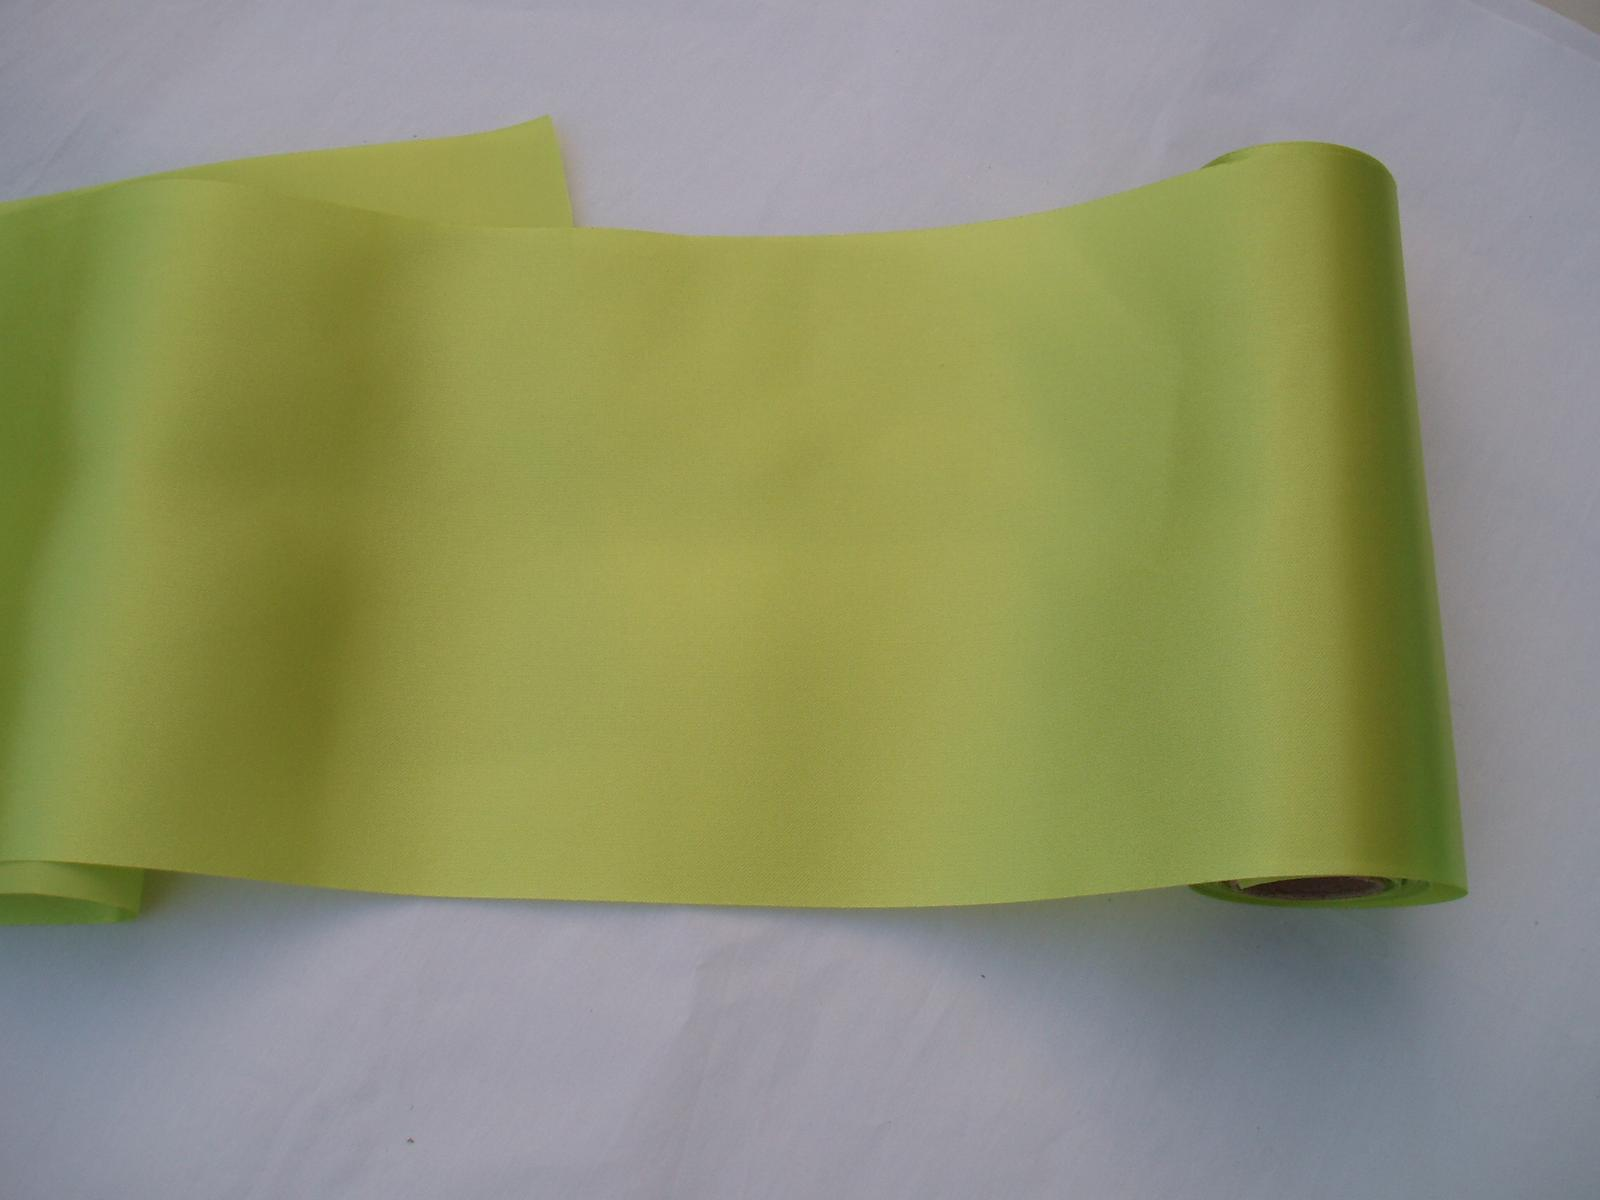 saténový pás-zelený - Obrázek č. 1